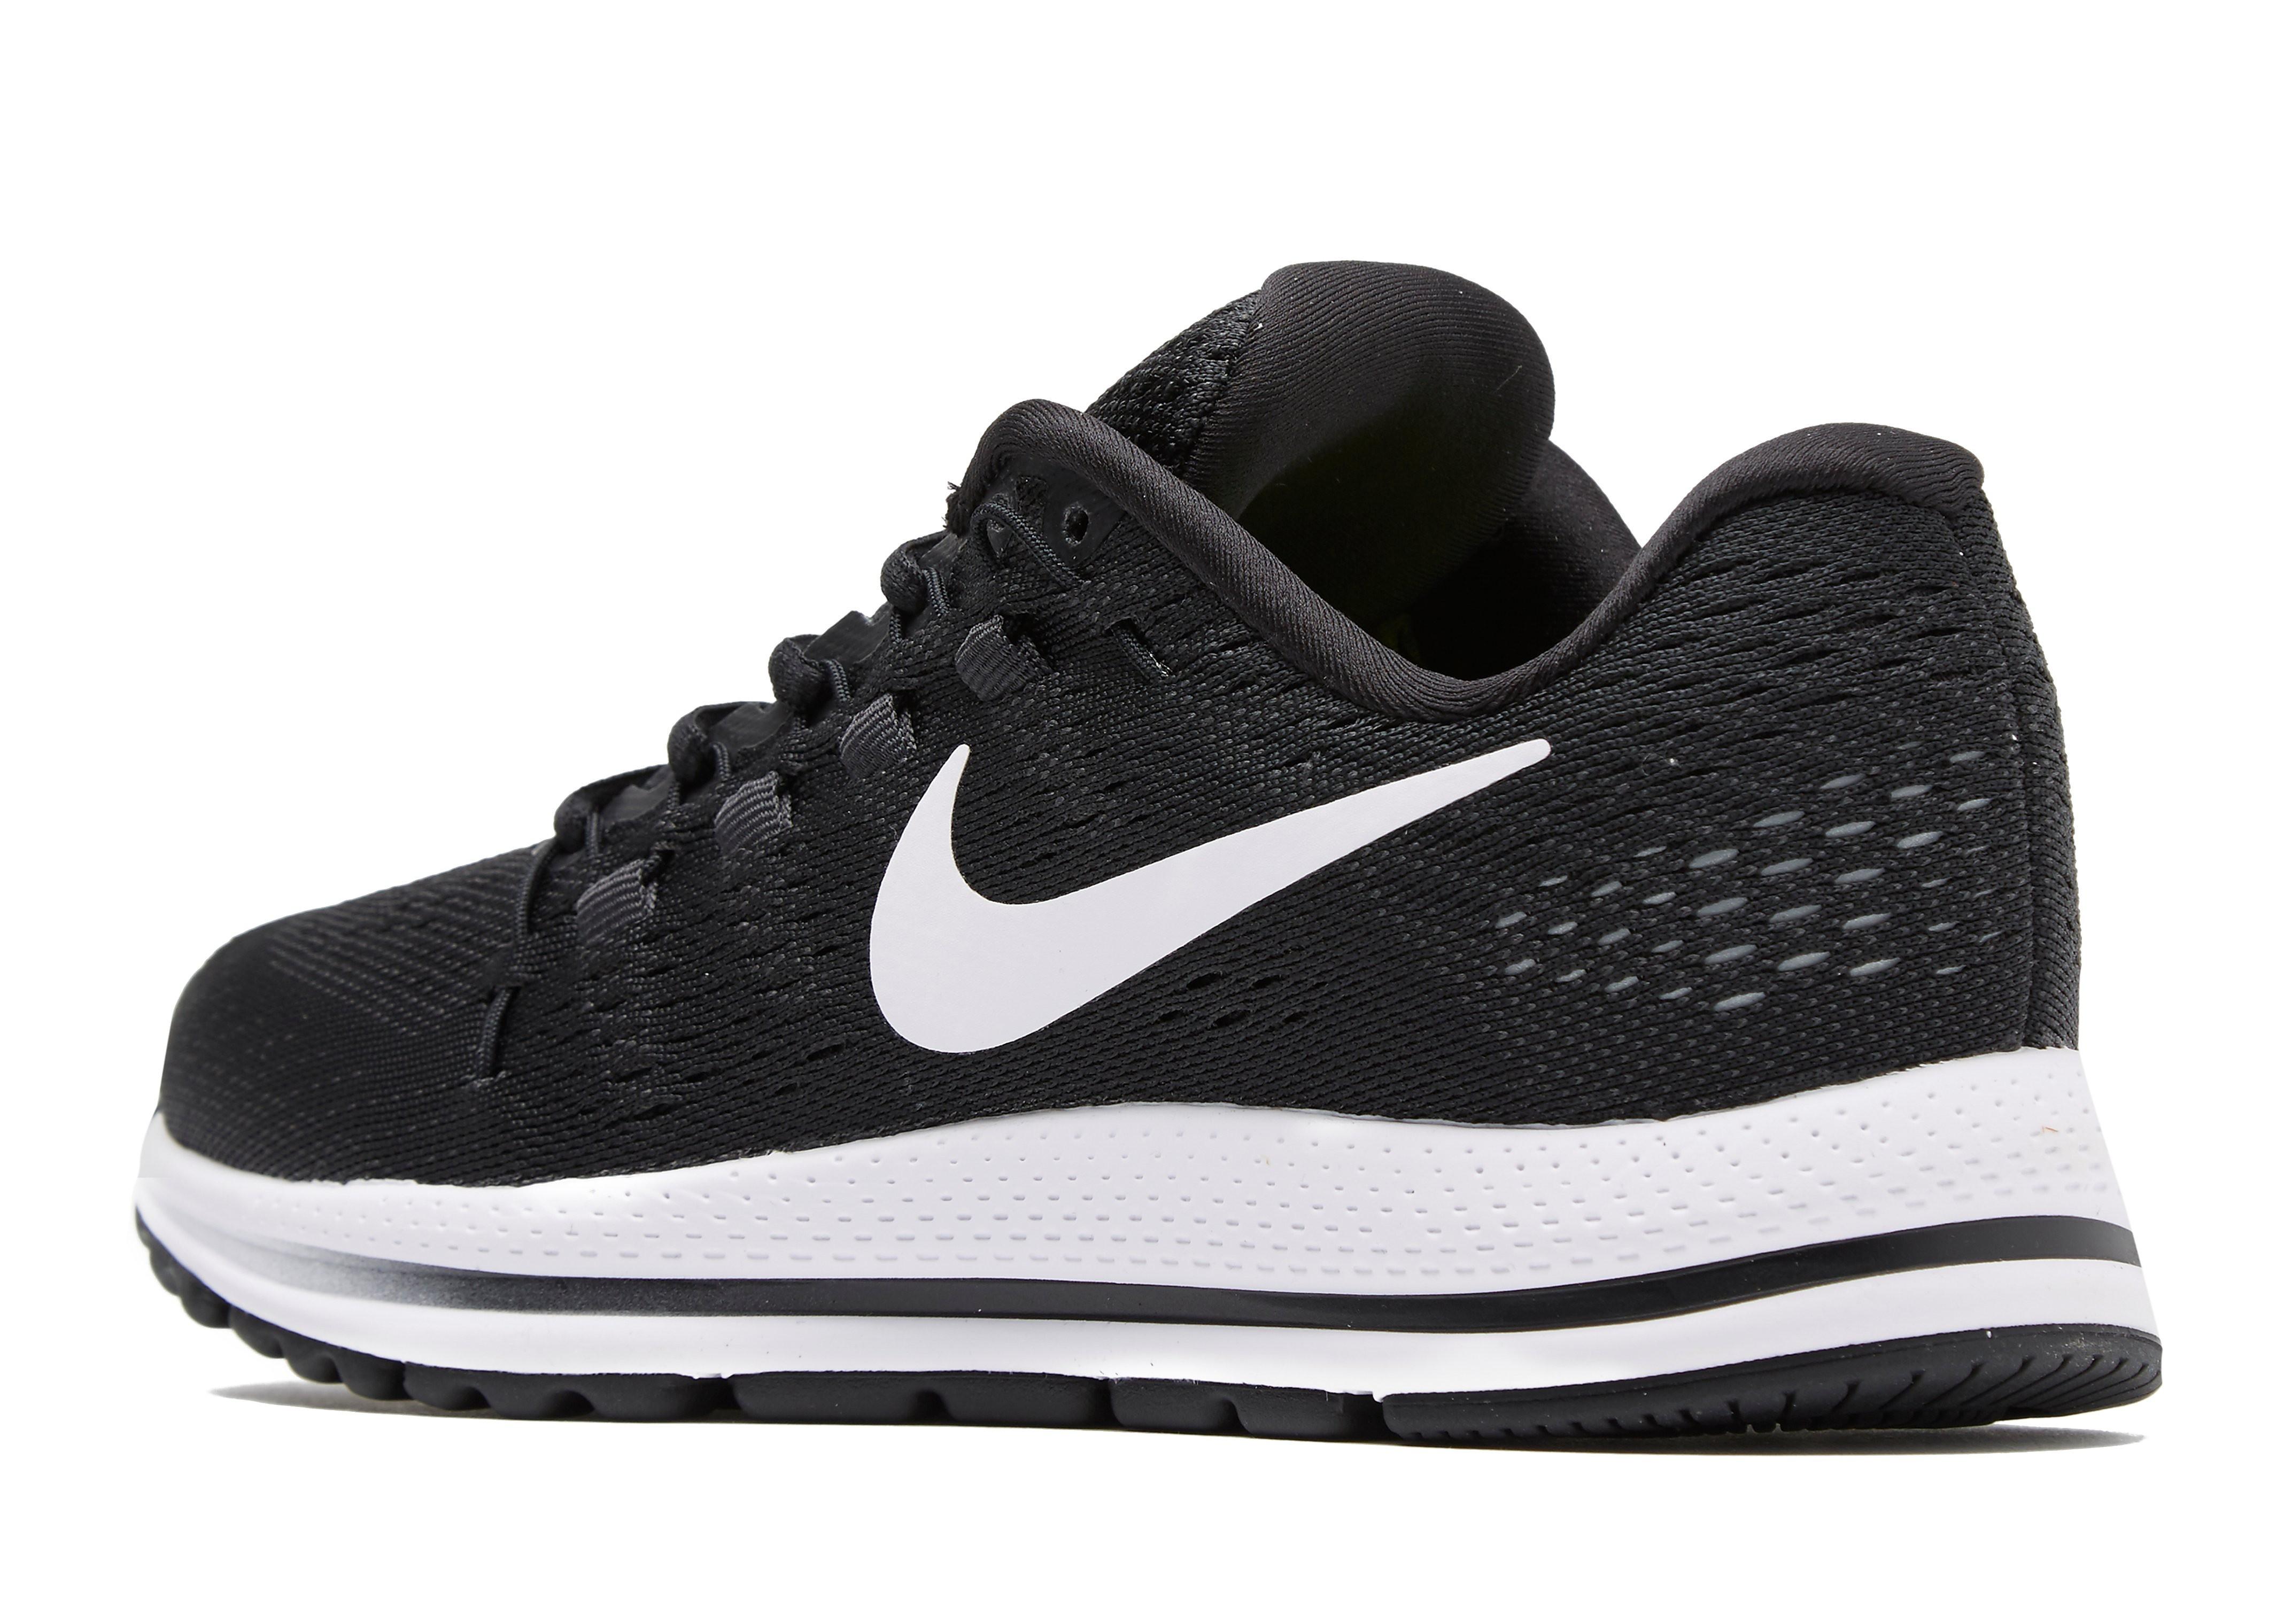 Nike Air Zoom Vomero 12 Women's